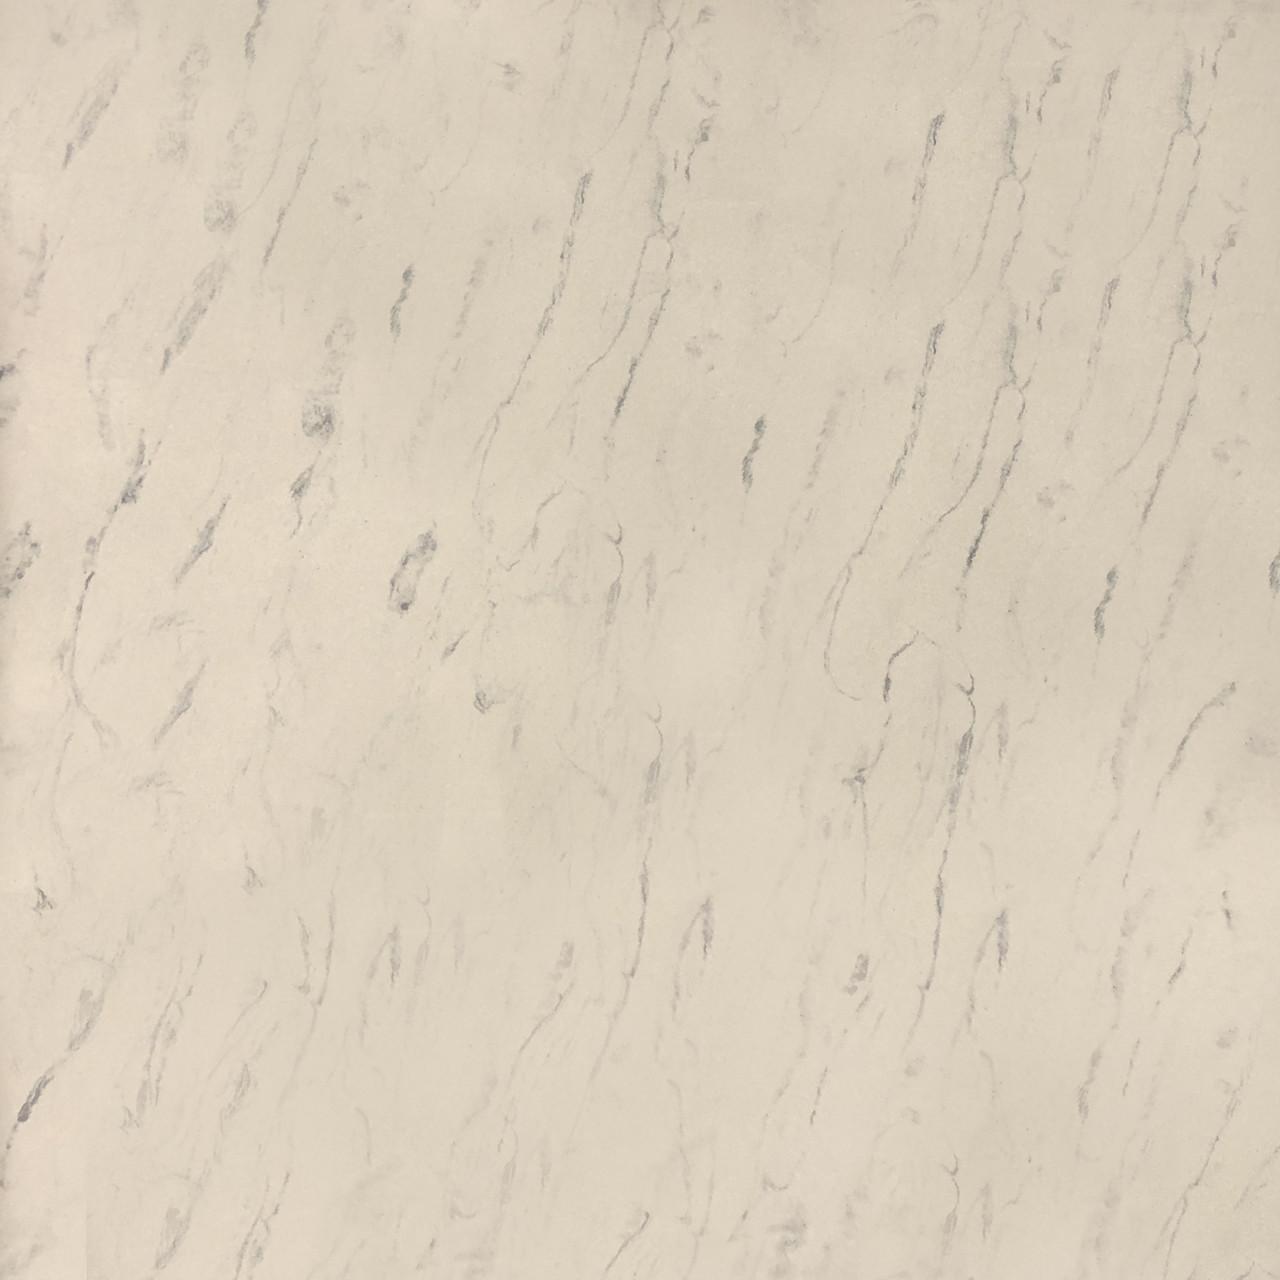 Плитка для пола ГРЕС полированный PK Salt GR 600x600 /4 P